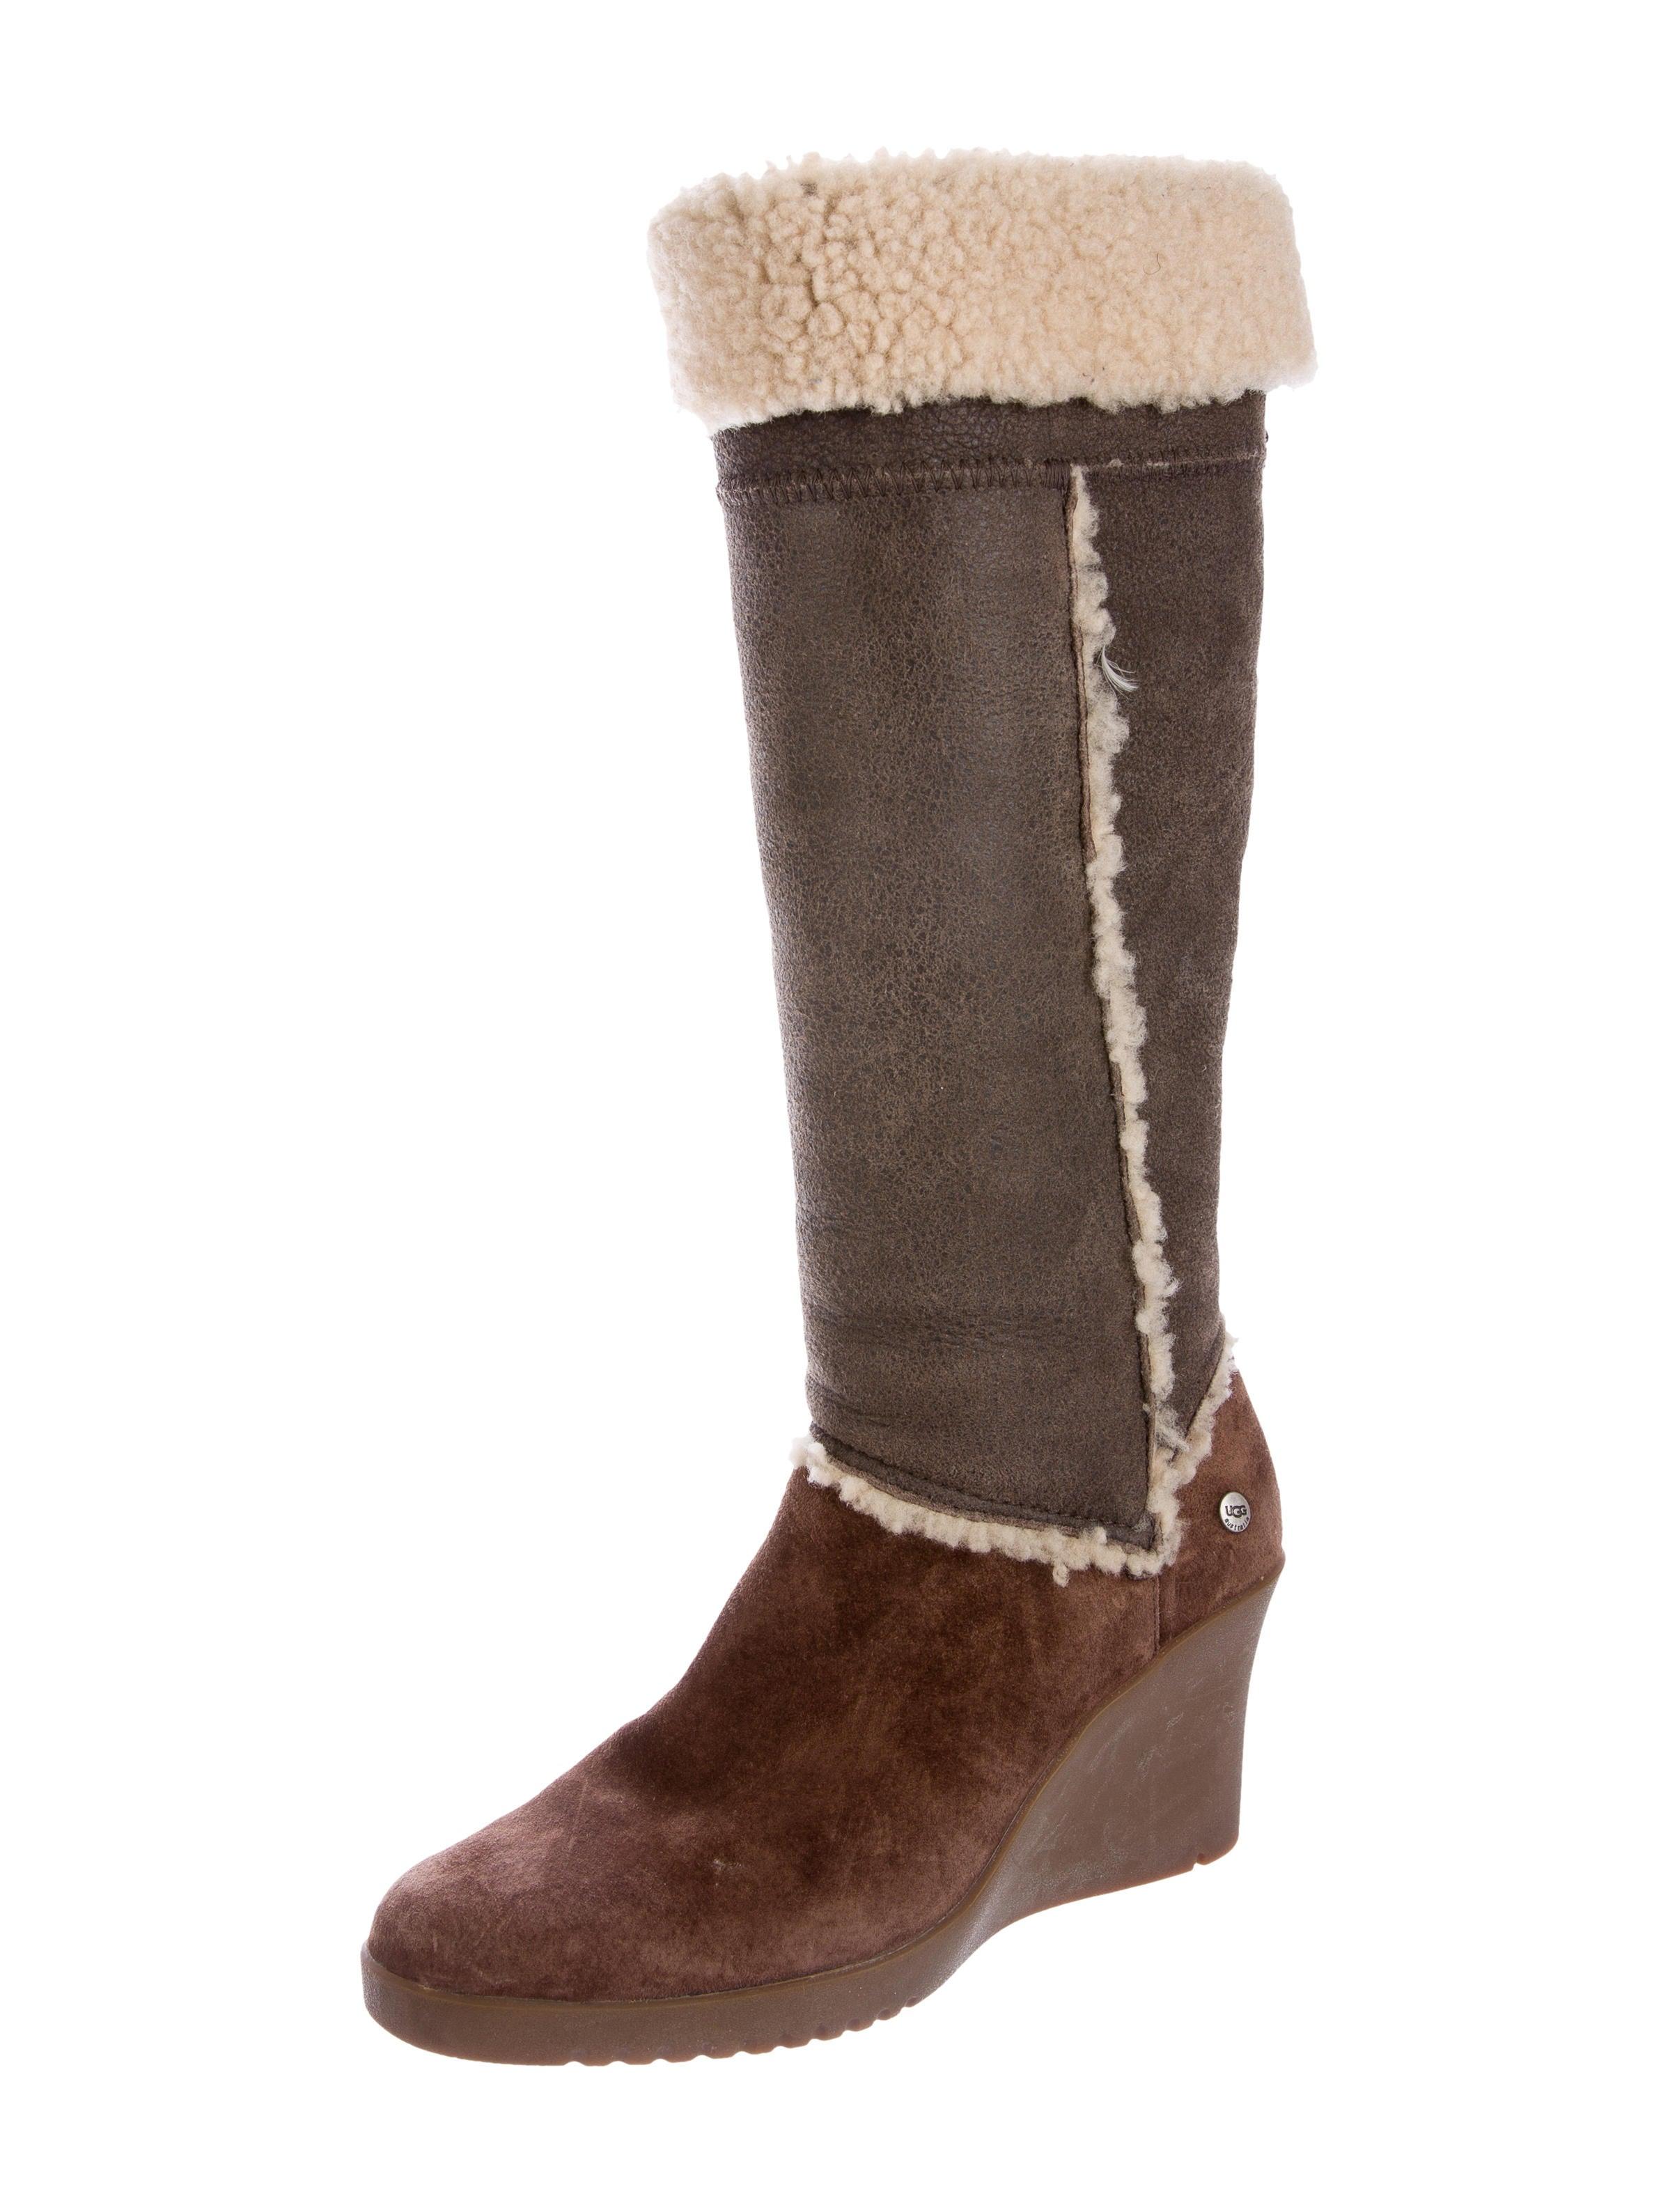 ugg australia wedge boots shoes wuugg21101